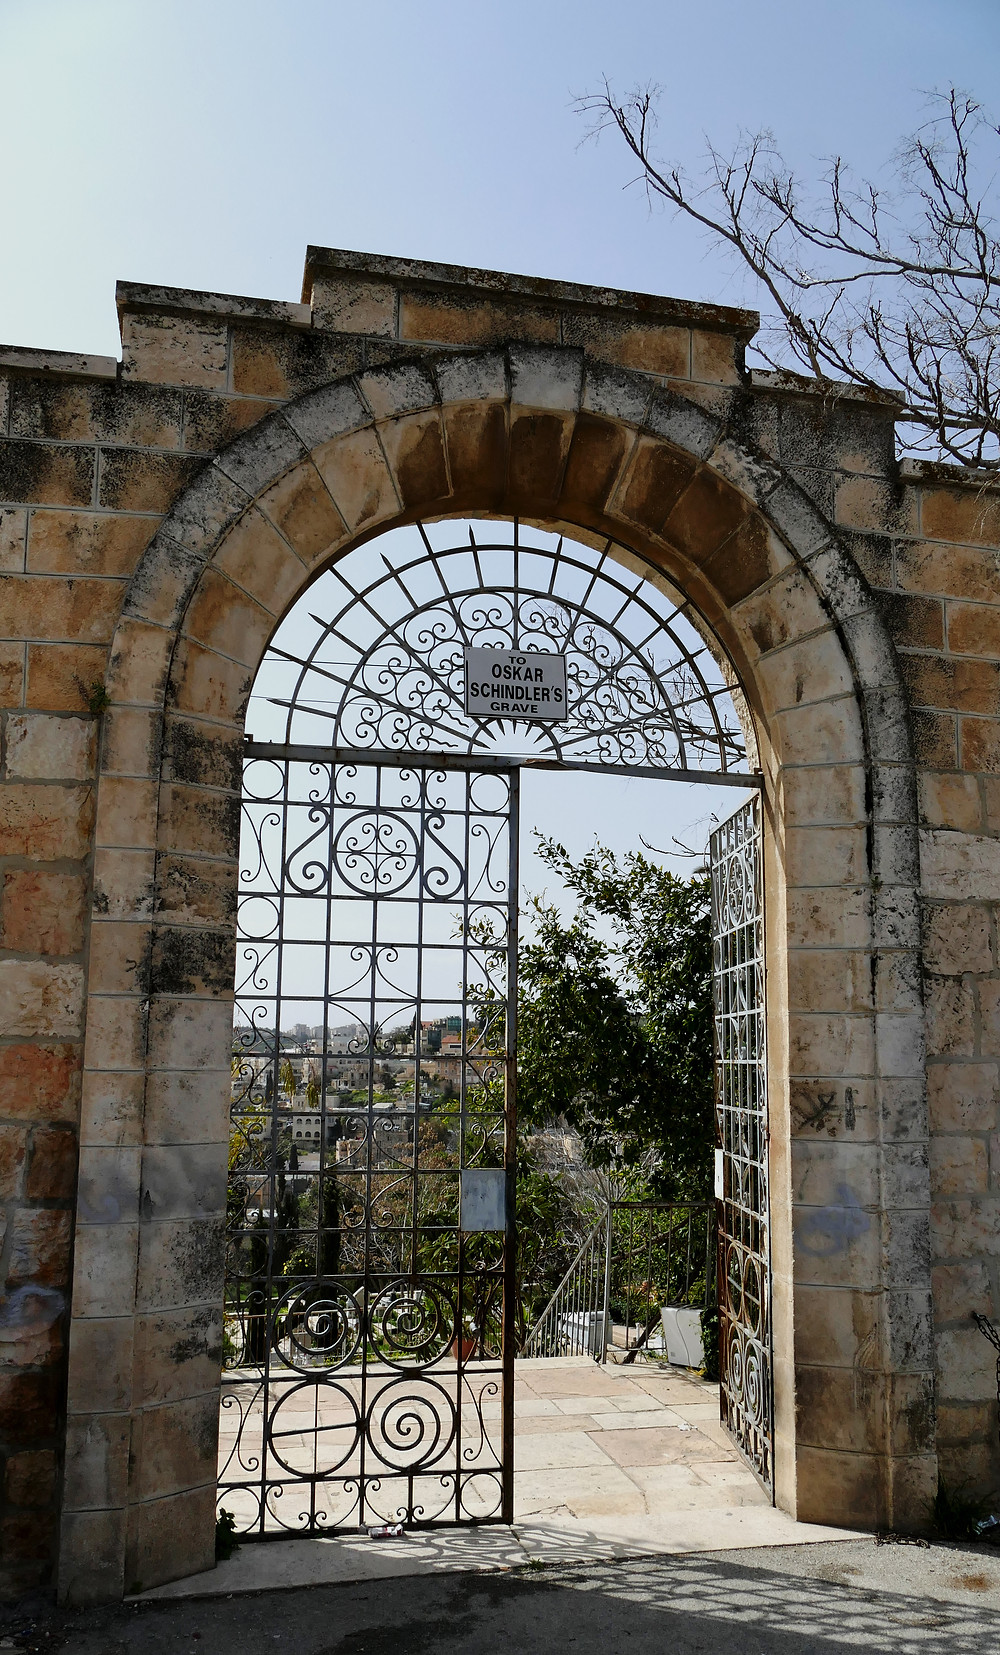 Katholischer Friedhof mit Oskar Schindler Grab in Jerusalem